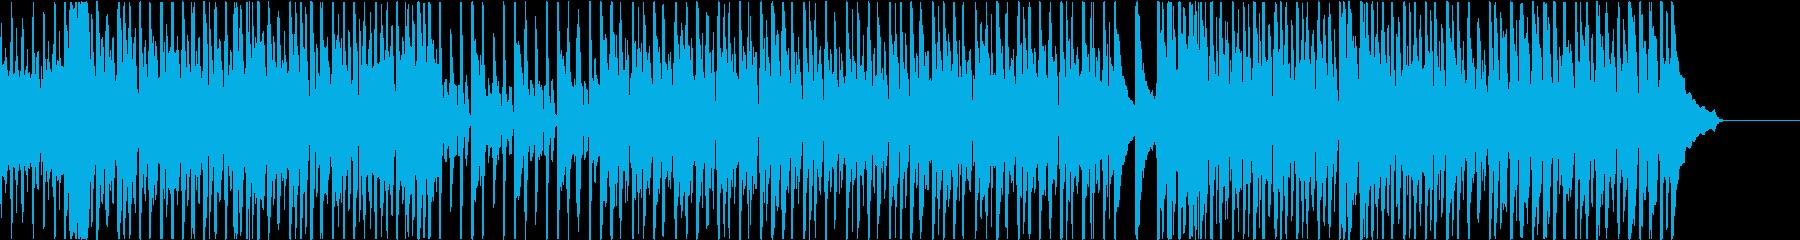 パズルゲーム向けゆるゆる系BGM メロ無の再生済みの波形